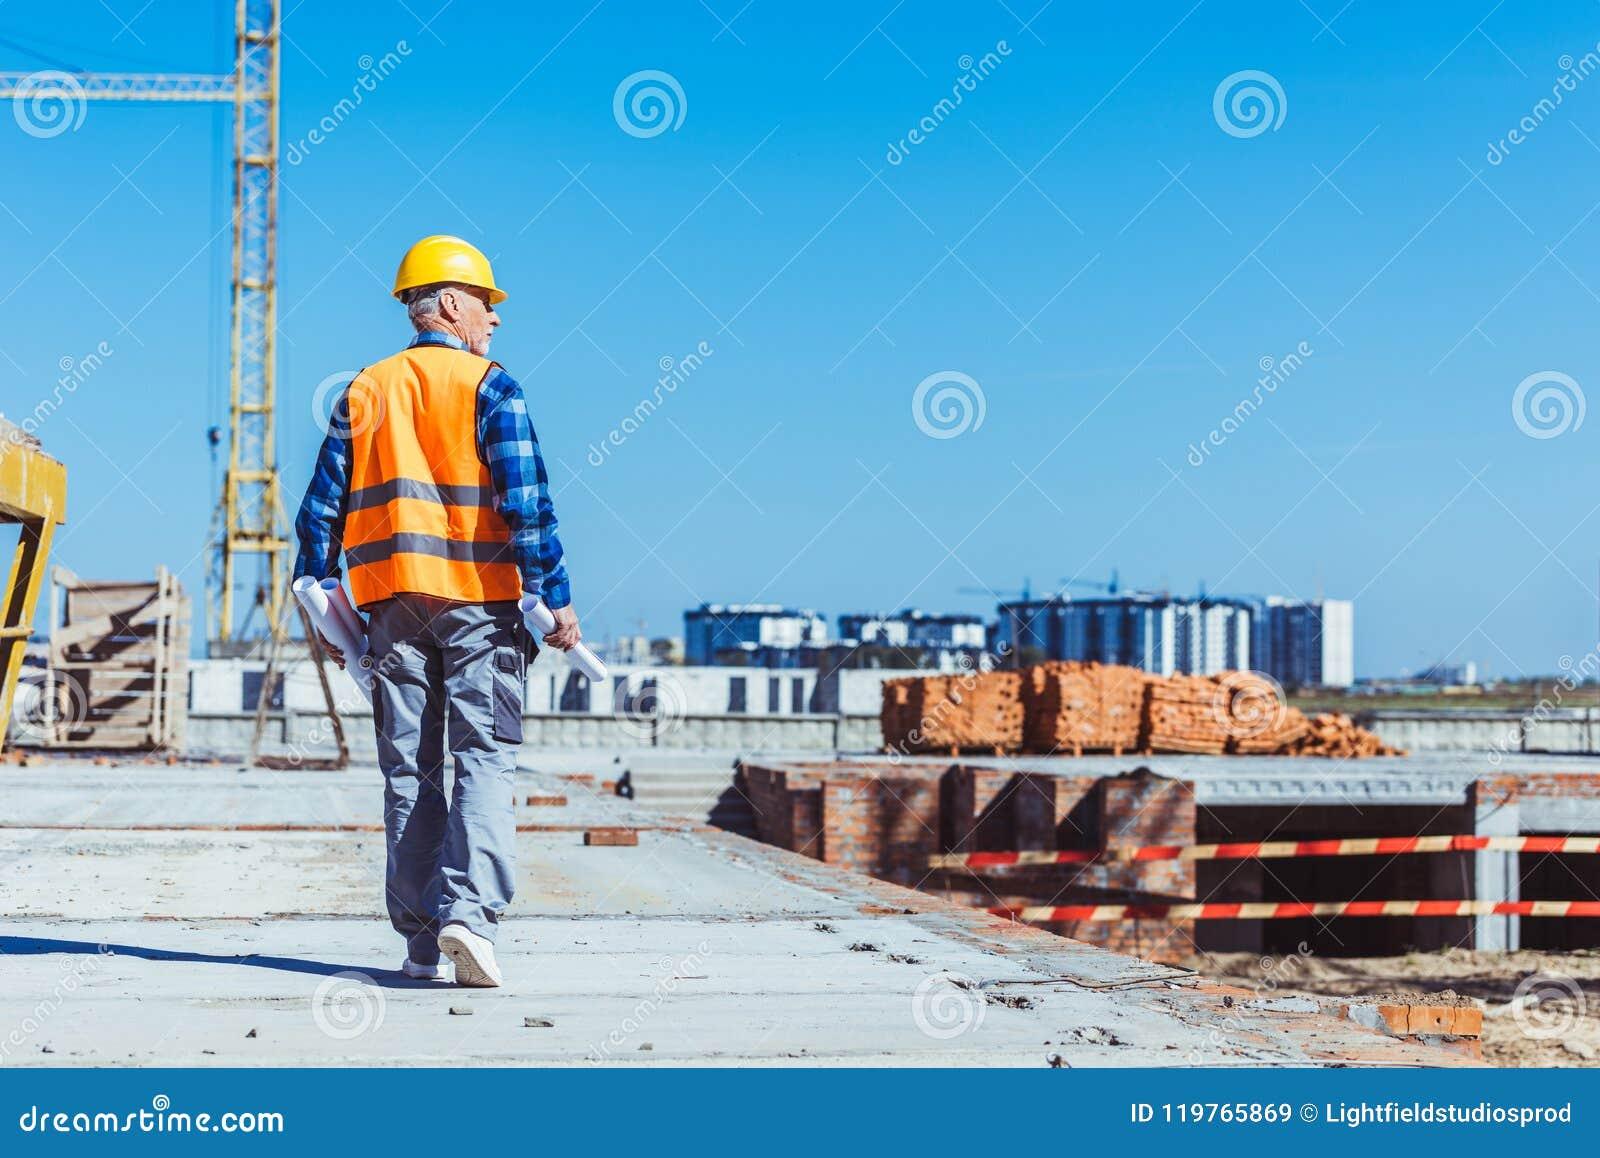 Οικοδόμος στην αντανακλαστική φανέλλα και hardhat που περπατά πέρα από ένα εργοτάξιο οικοδομής με τους ρόλους των σχεδίων